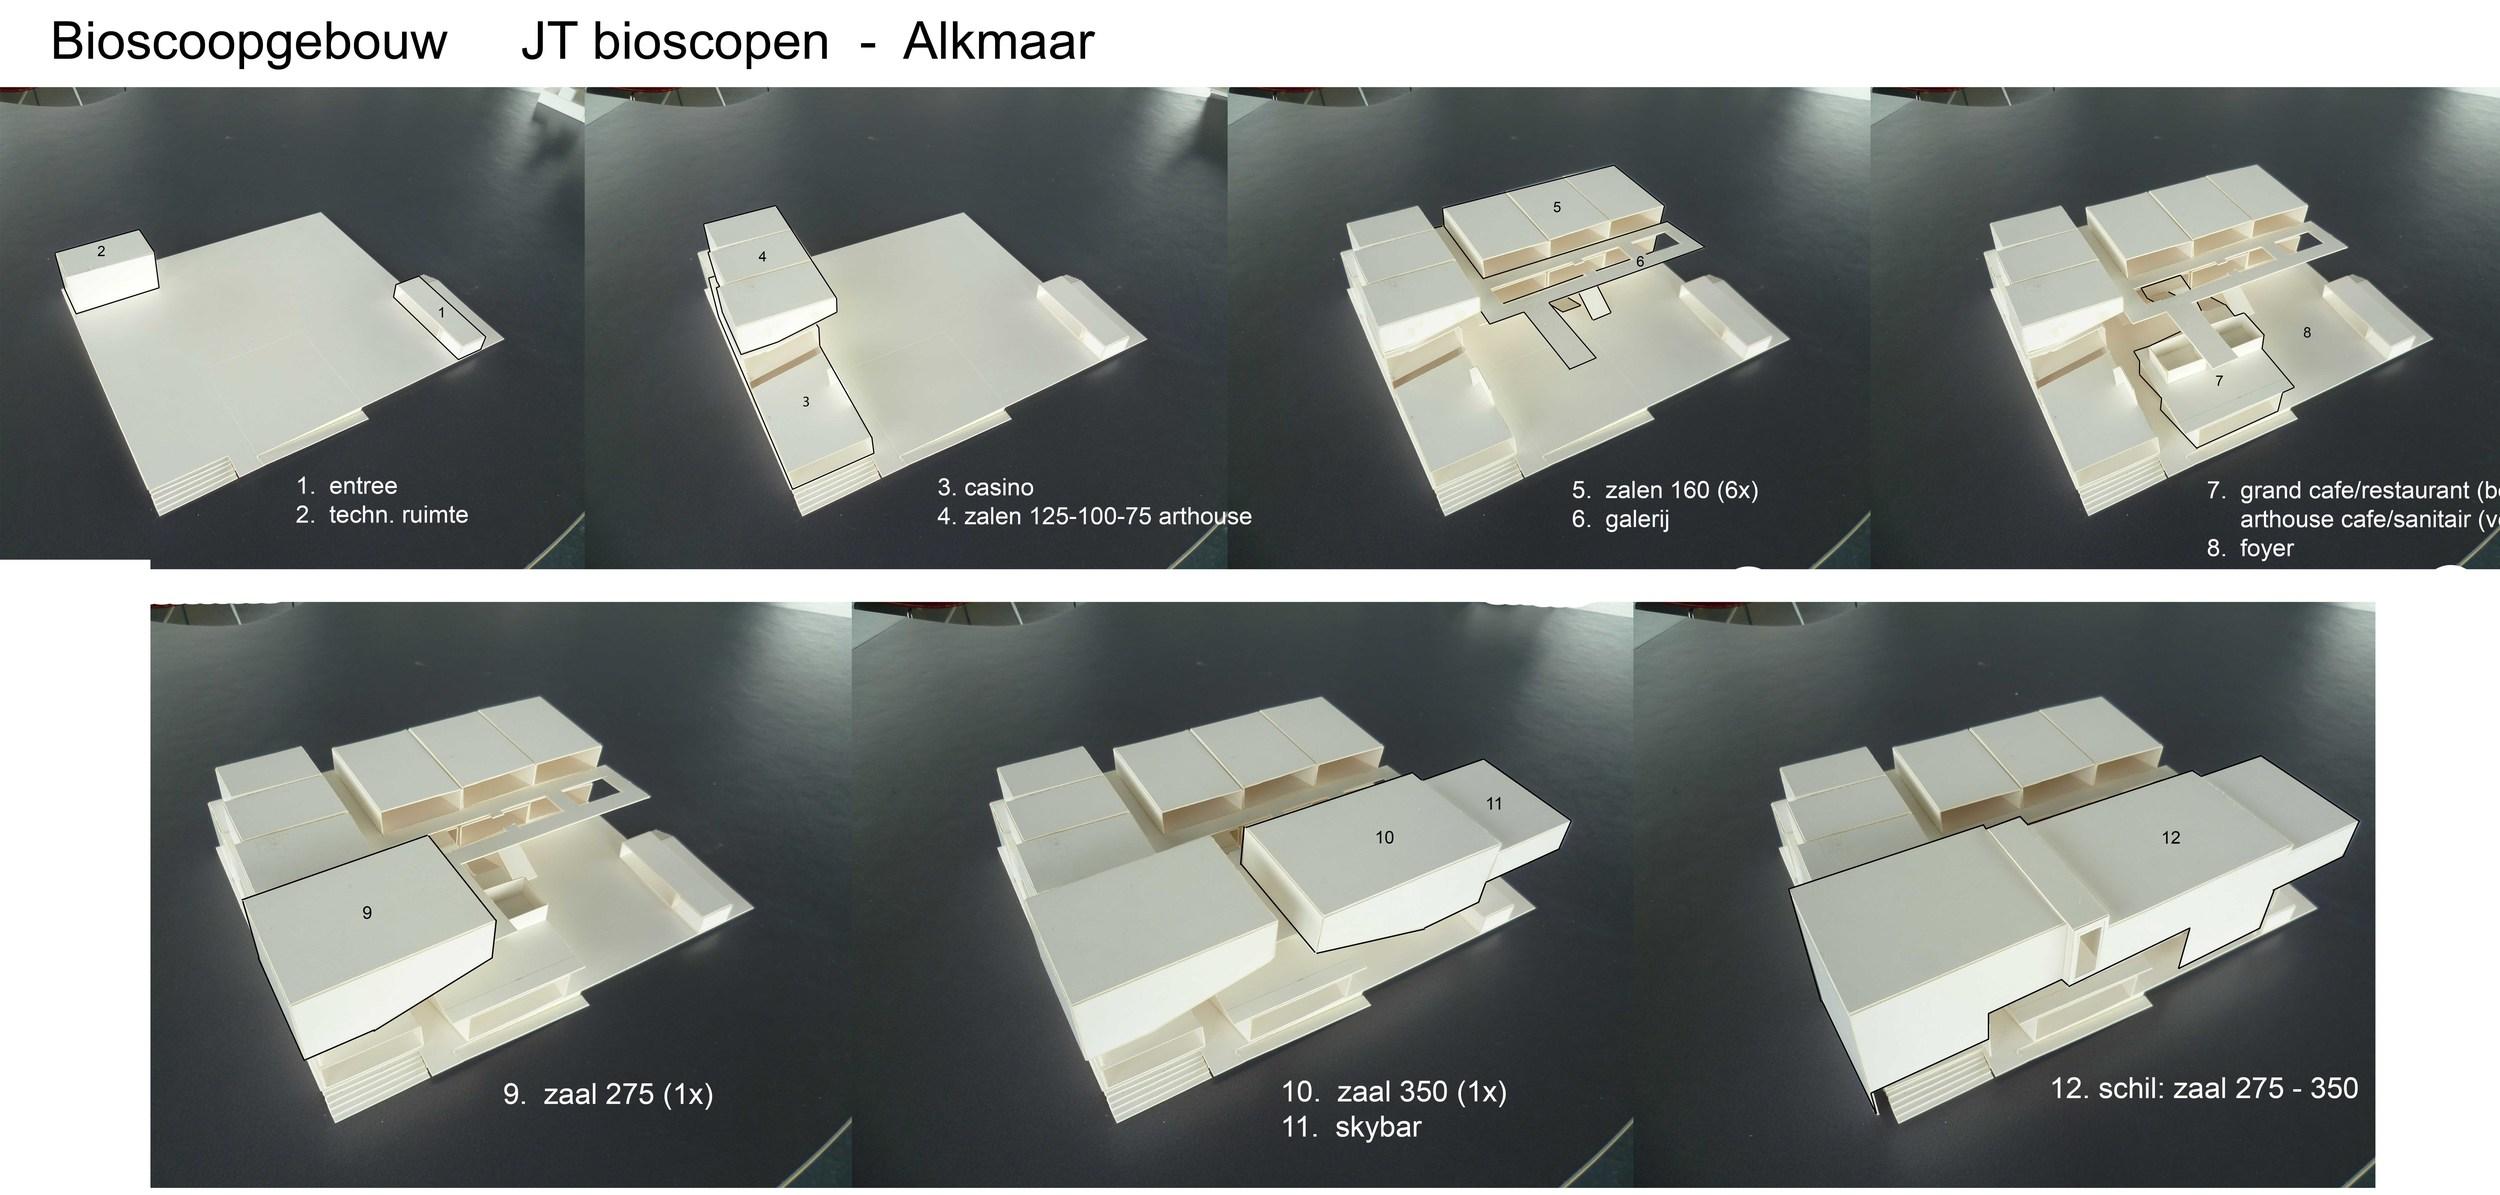 Bioscoop - Alkmaar Sequense